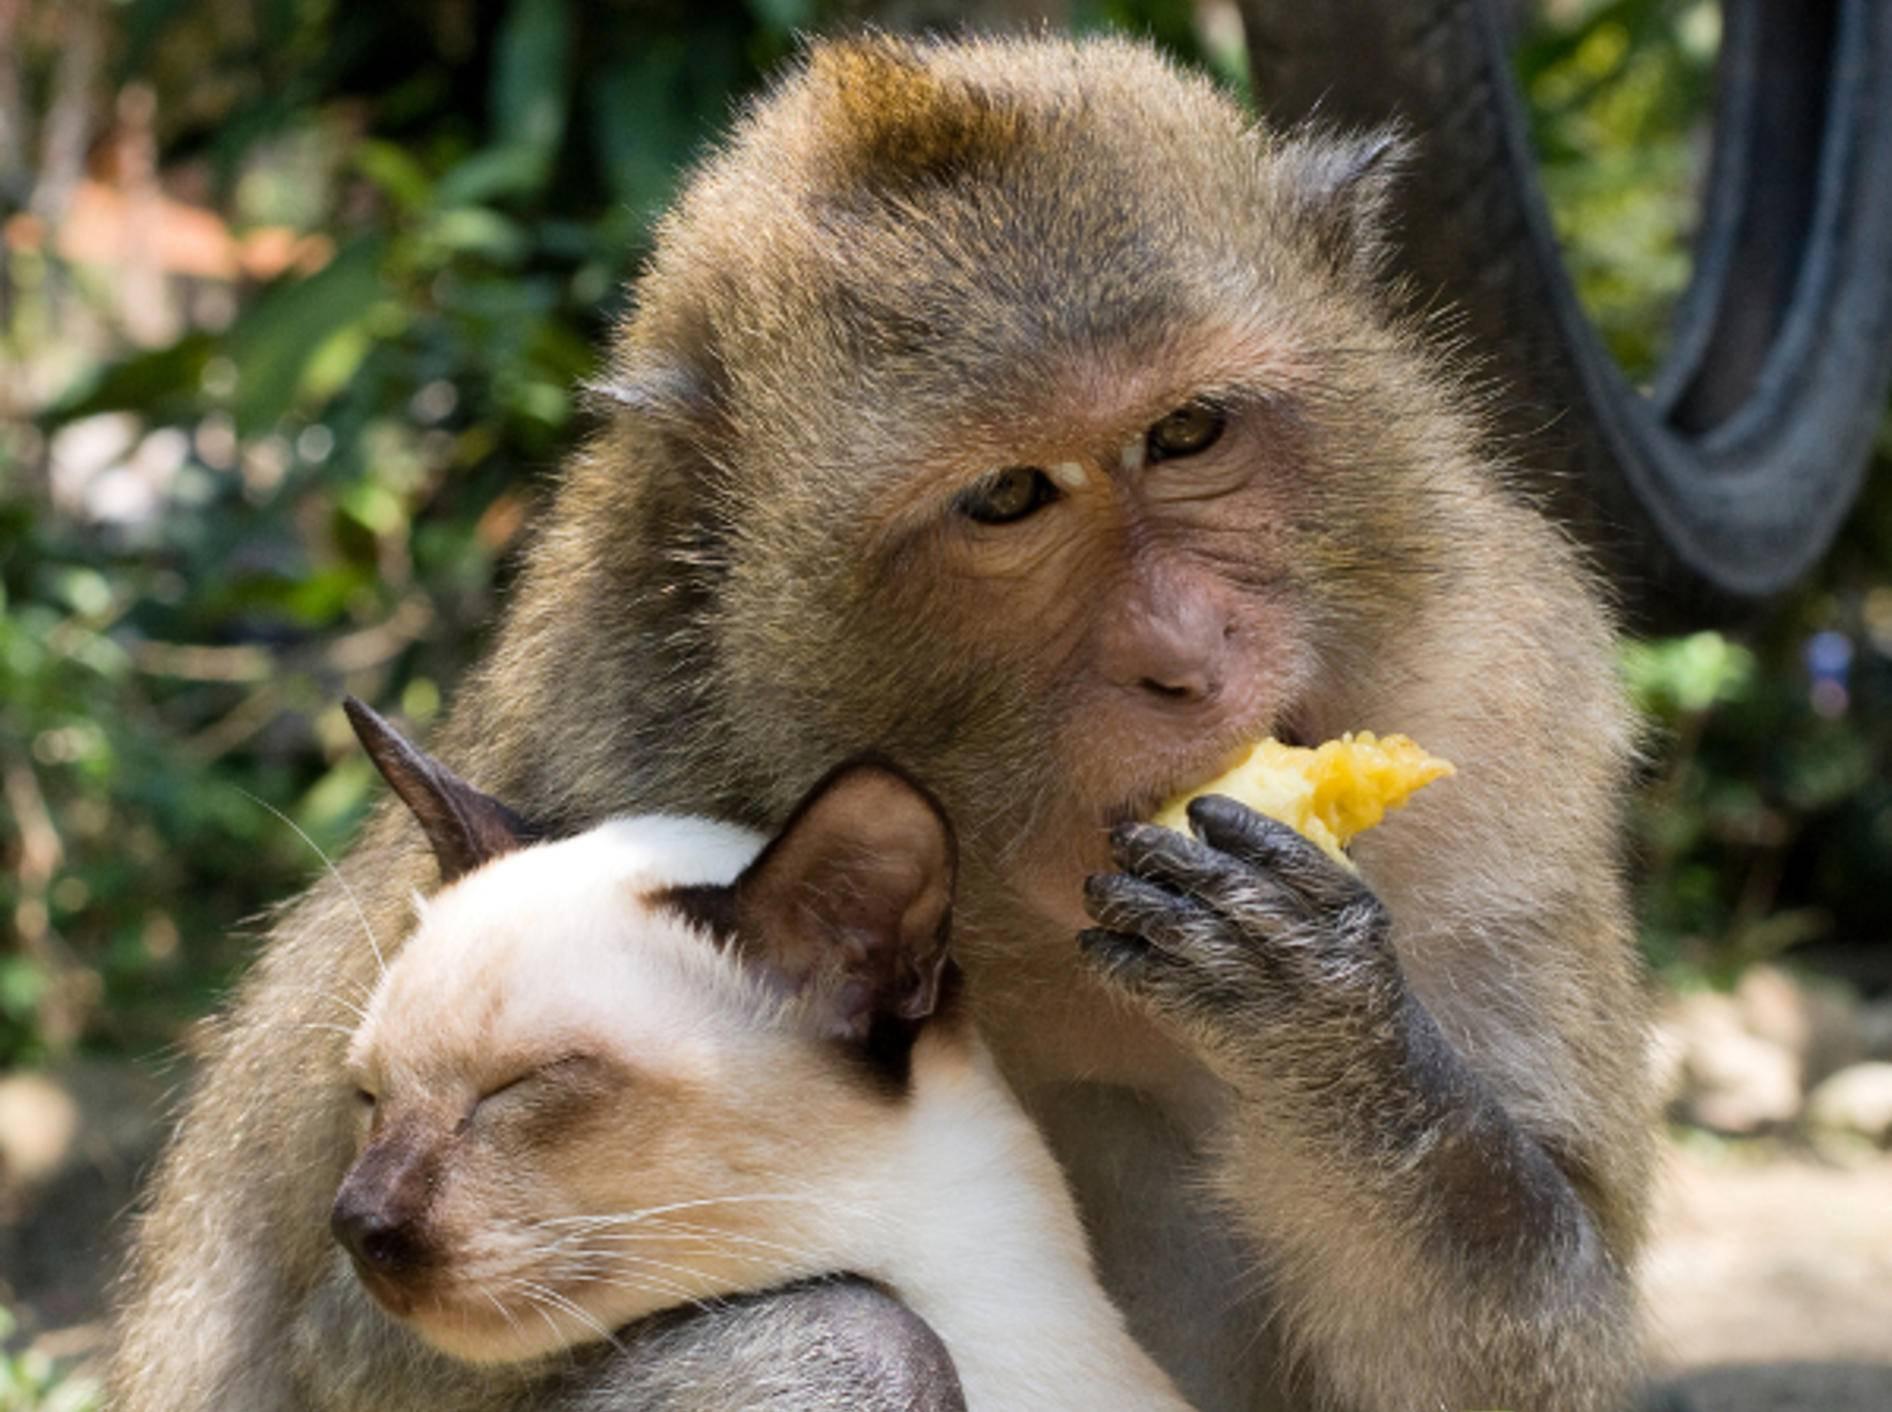 Tierisches Paar: Pavian und Siamkatze beim Schmusen